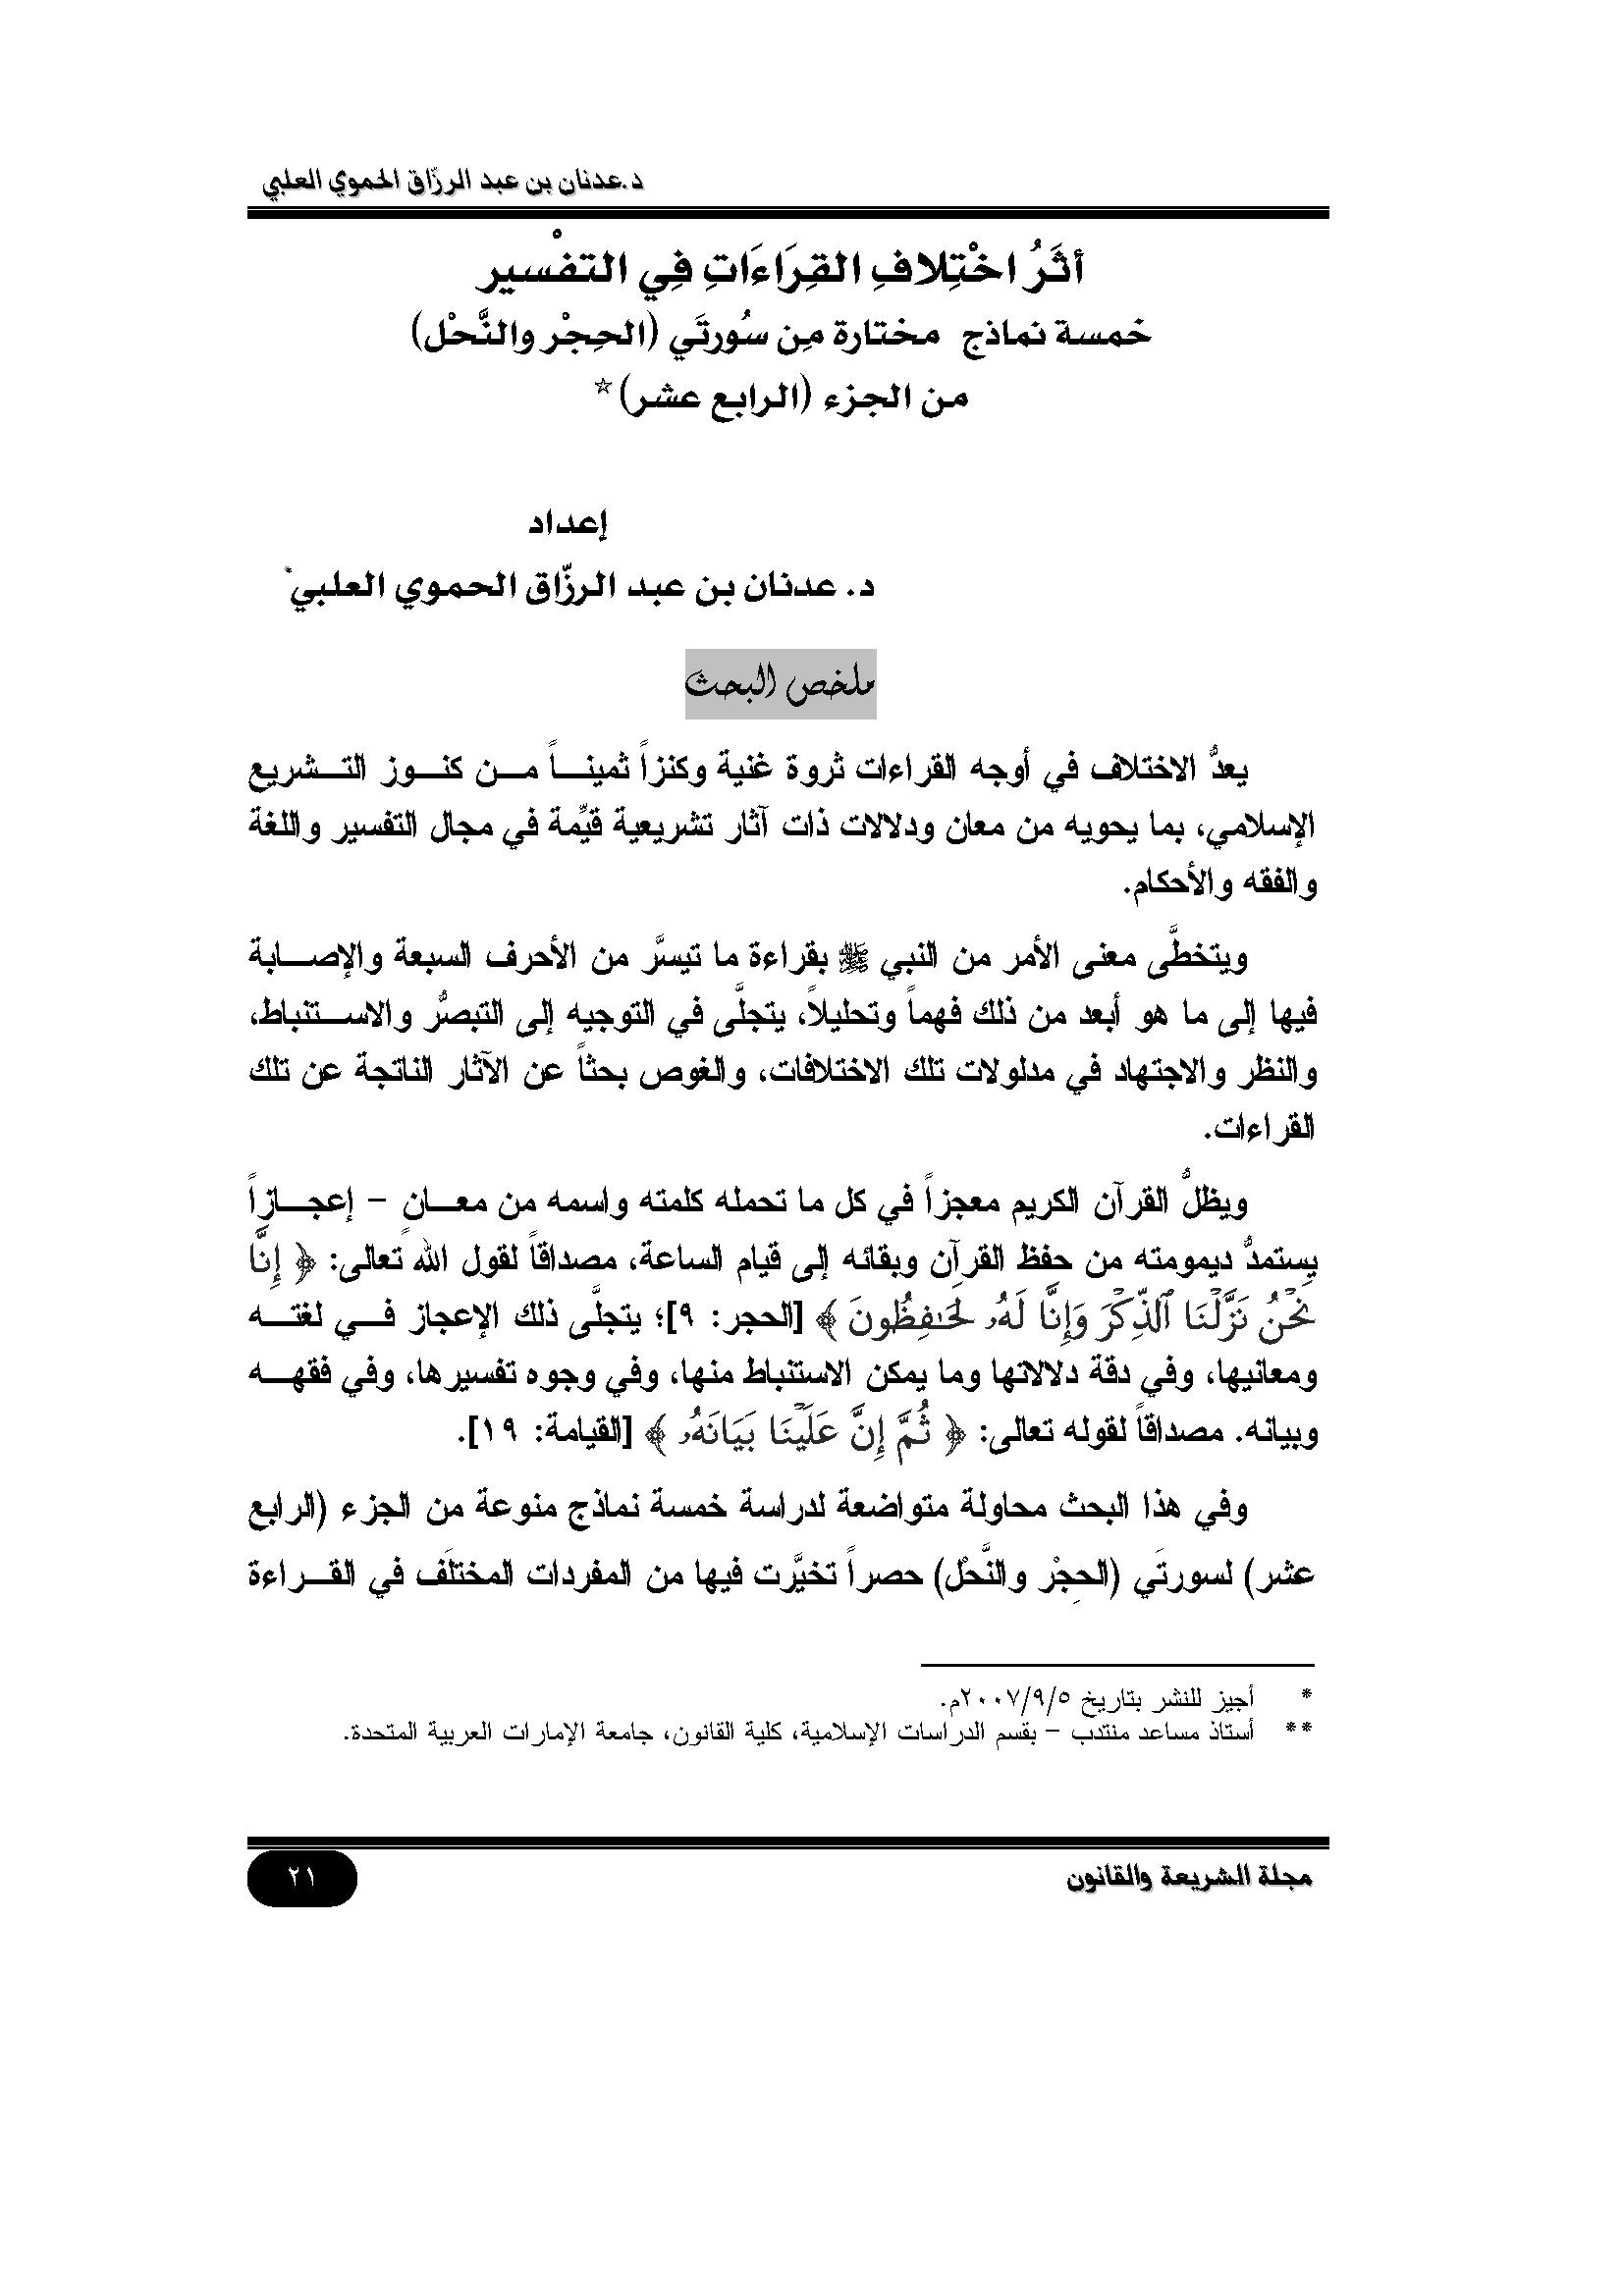 تحميل كتاب أثر اختلاف القراءات في التفسير لـِ: الدكتور عدنان بن عبد الرزاق الحموي العُلَبي